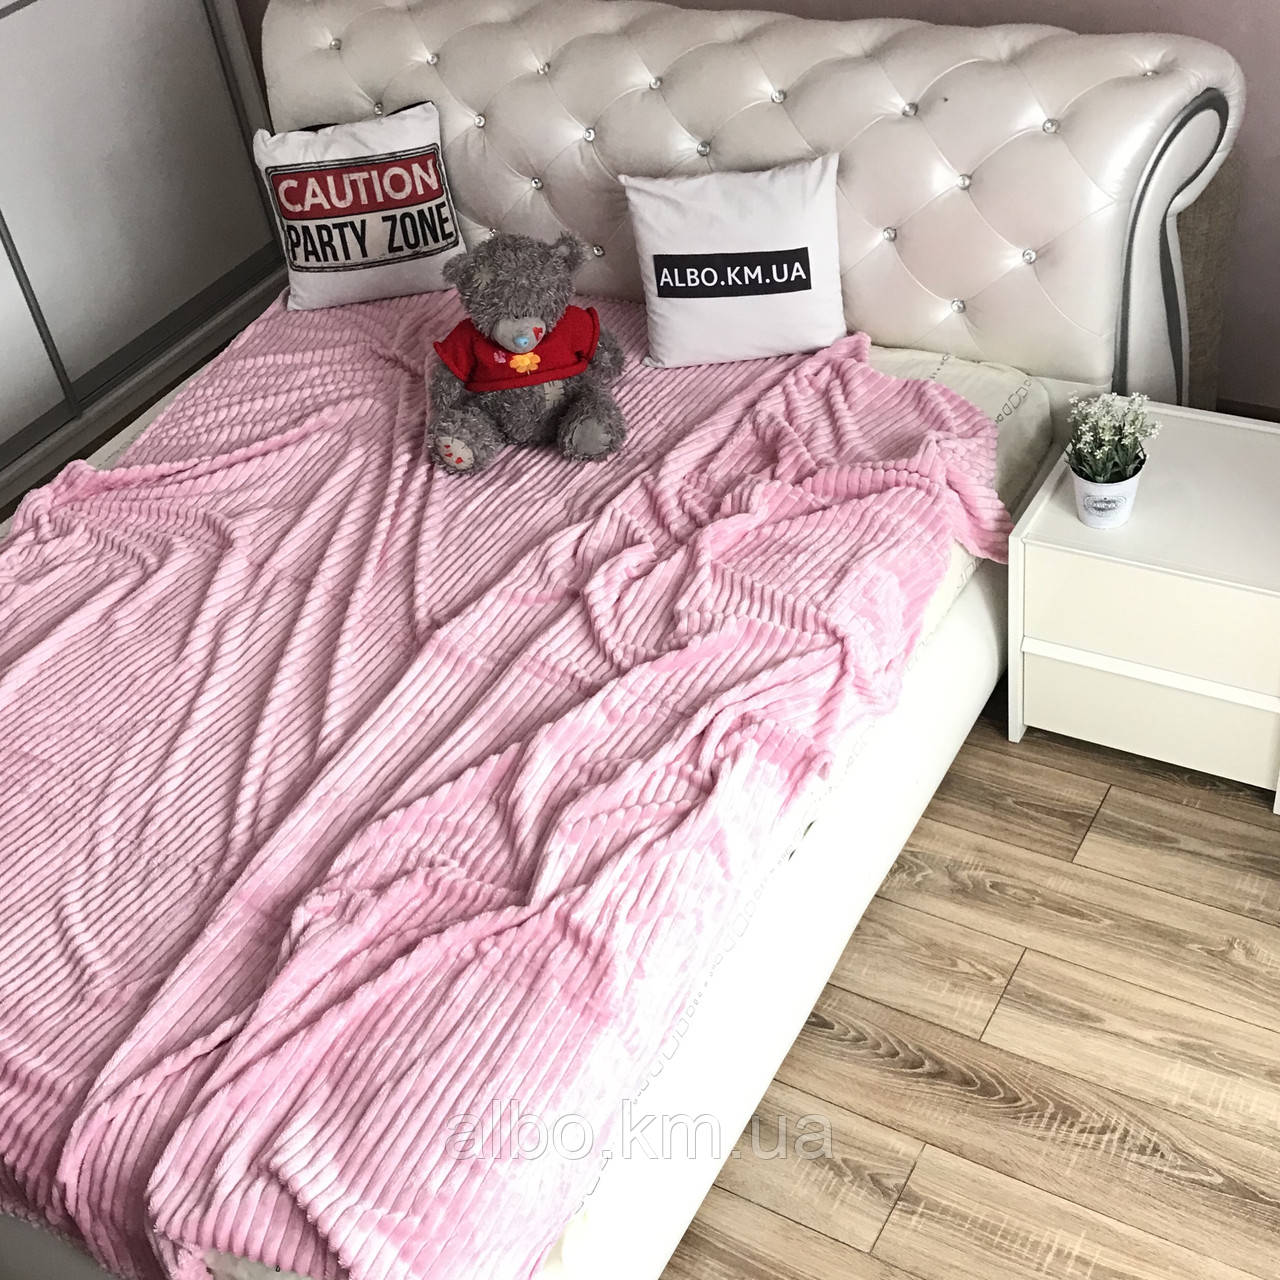 Плед на кровать Микрофибра ALBO 200х230 cm Розовое (P-F1-21)